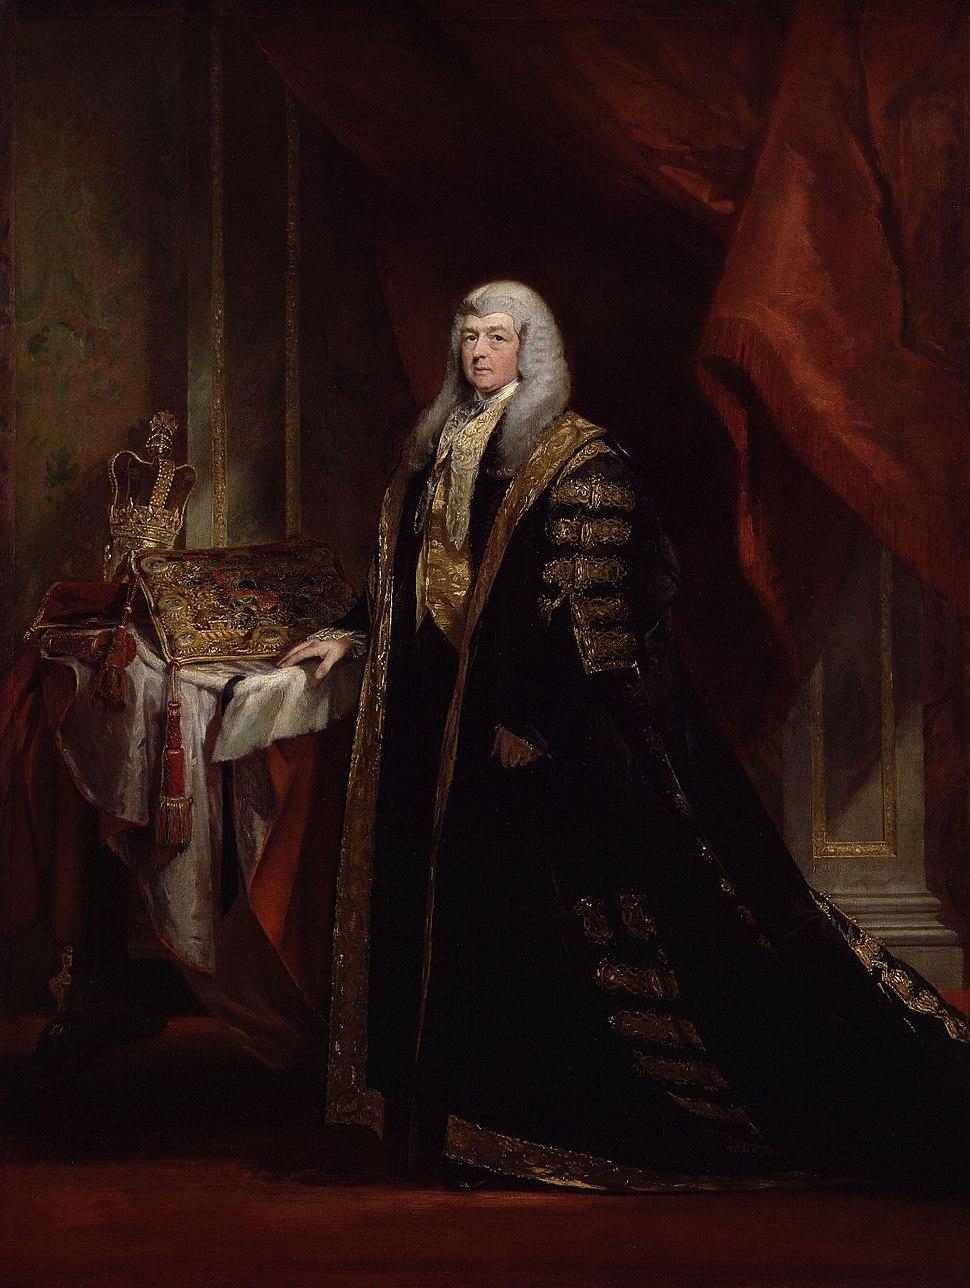 Charles Pepys, 1st Earl of Cottenham by Charles Robert Leslie